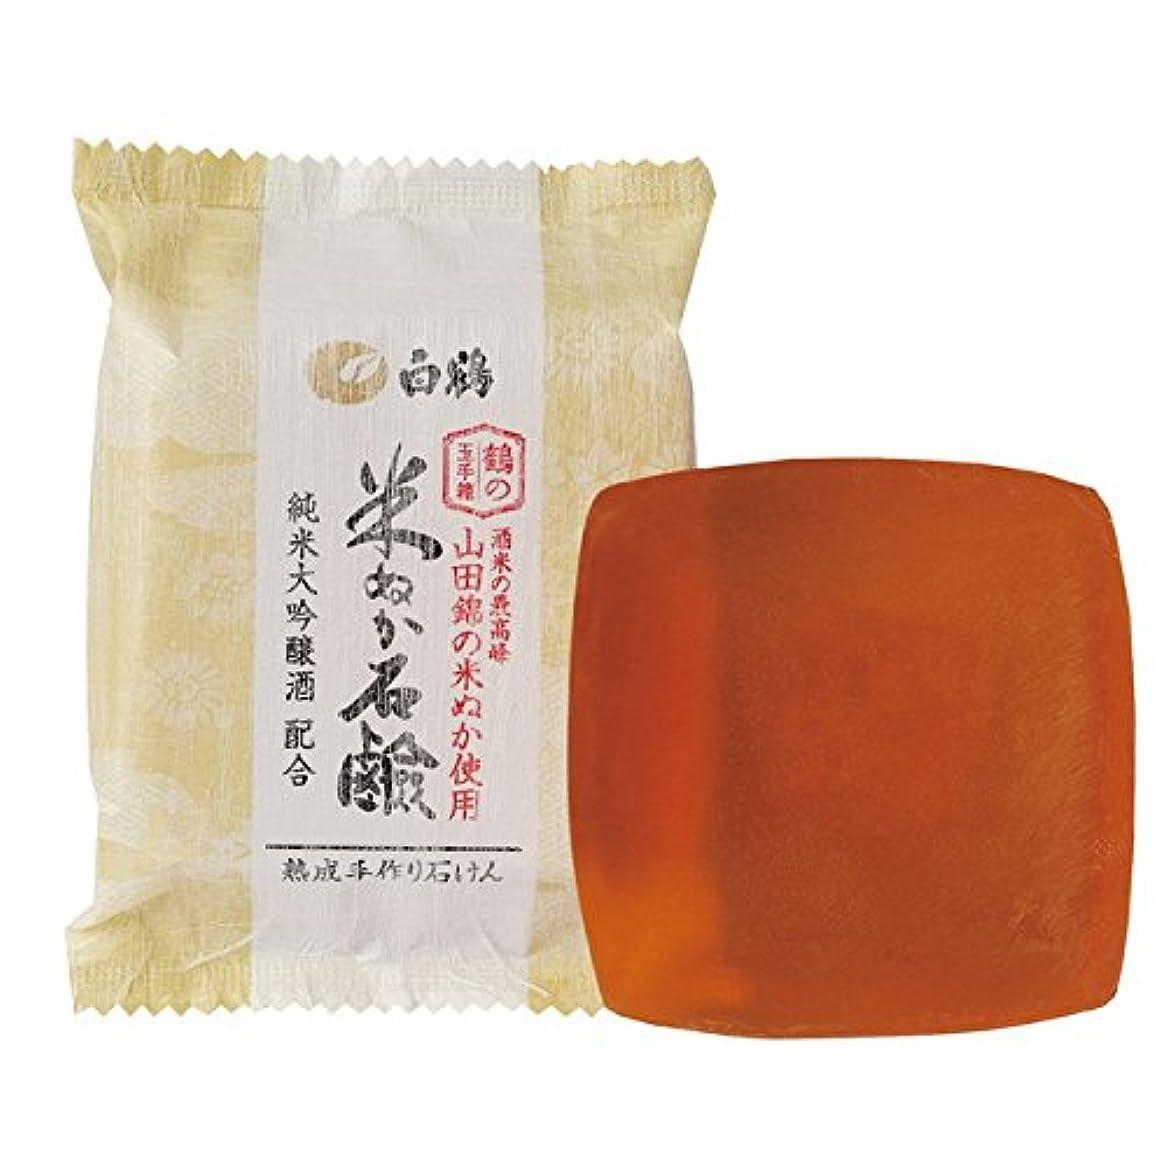 クリーム耐えられない喜ぶ米ぬか石けん 100G【3個セット】